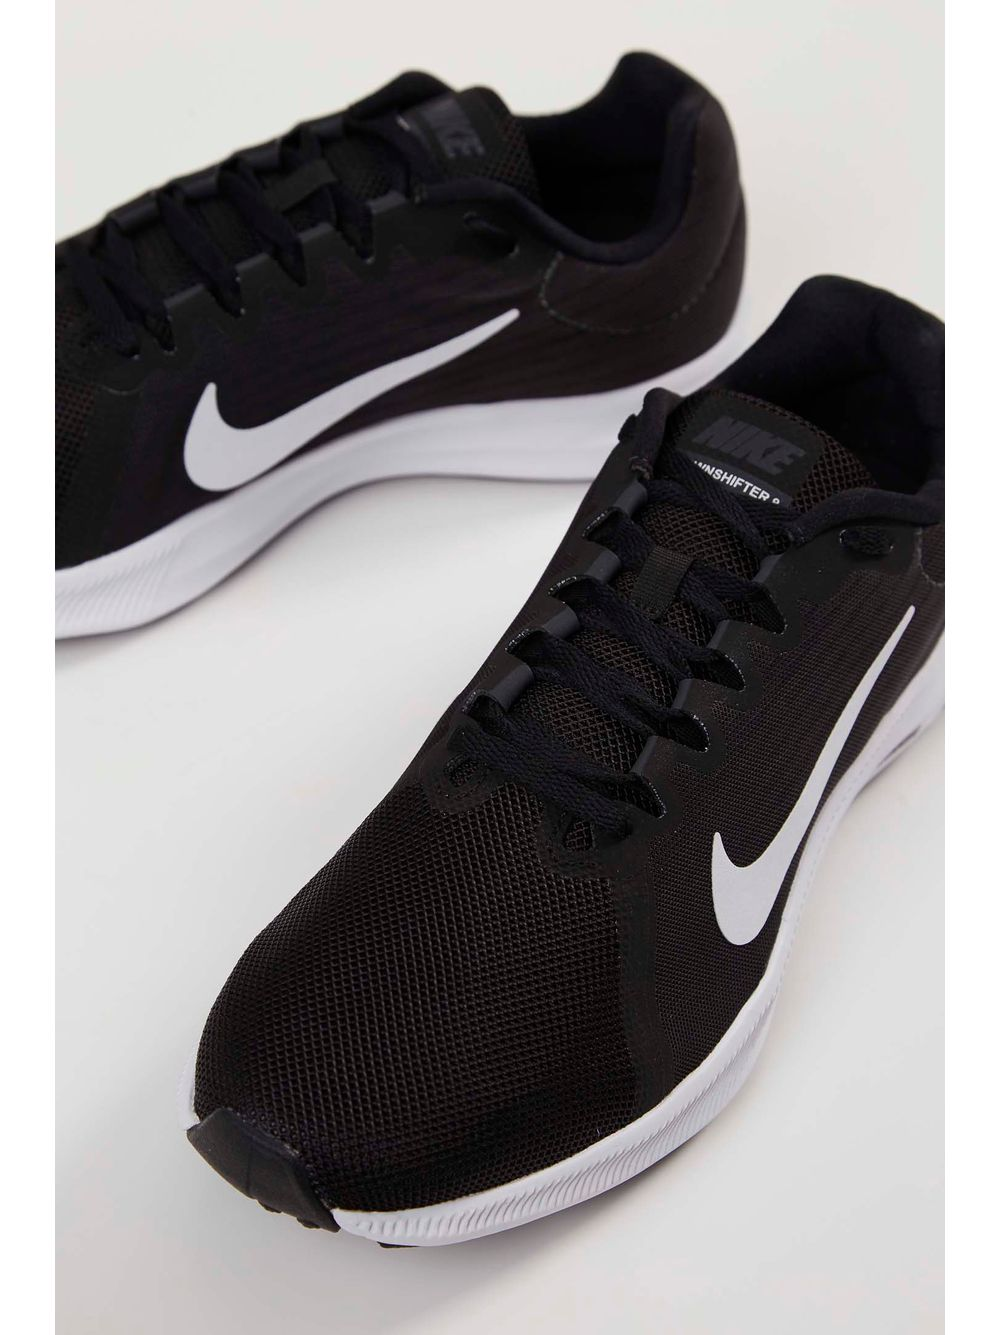 9b84e3ce11 Previous. Tenis-Corrida-Nike-Downshifter-Preto ...